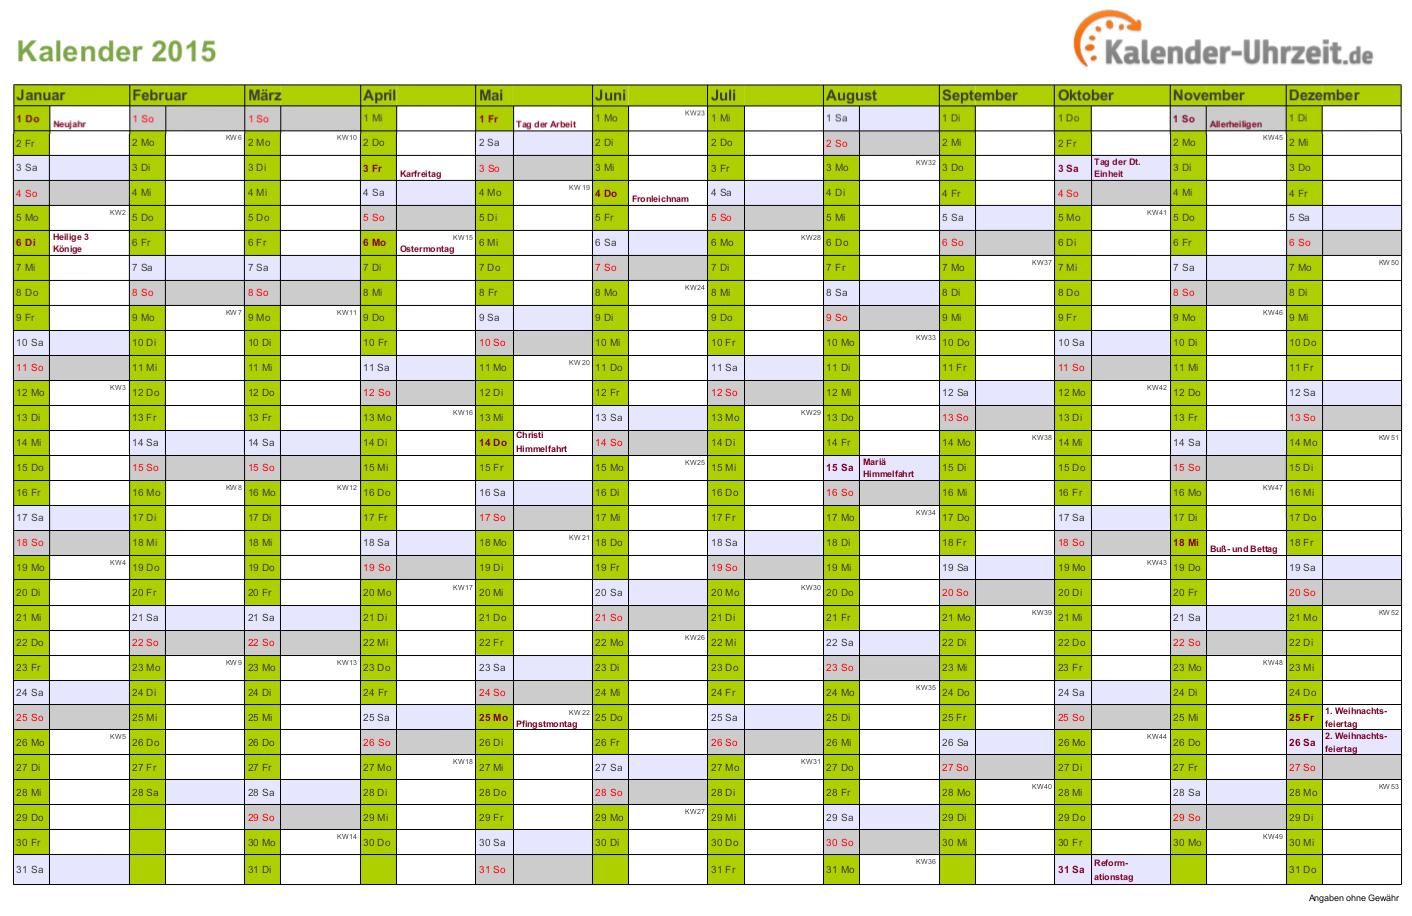 Kalender 2015 In Grun A4 Querformat Einseitig Kaluhr Kalender 2016 Kalender Kalender 2015